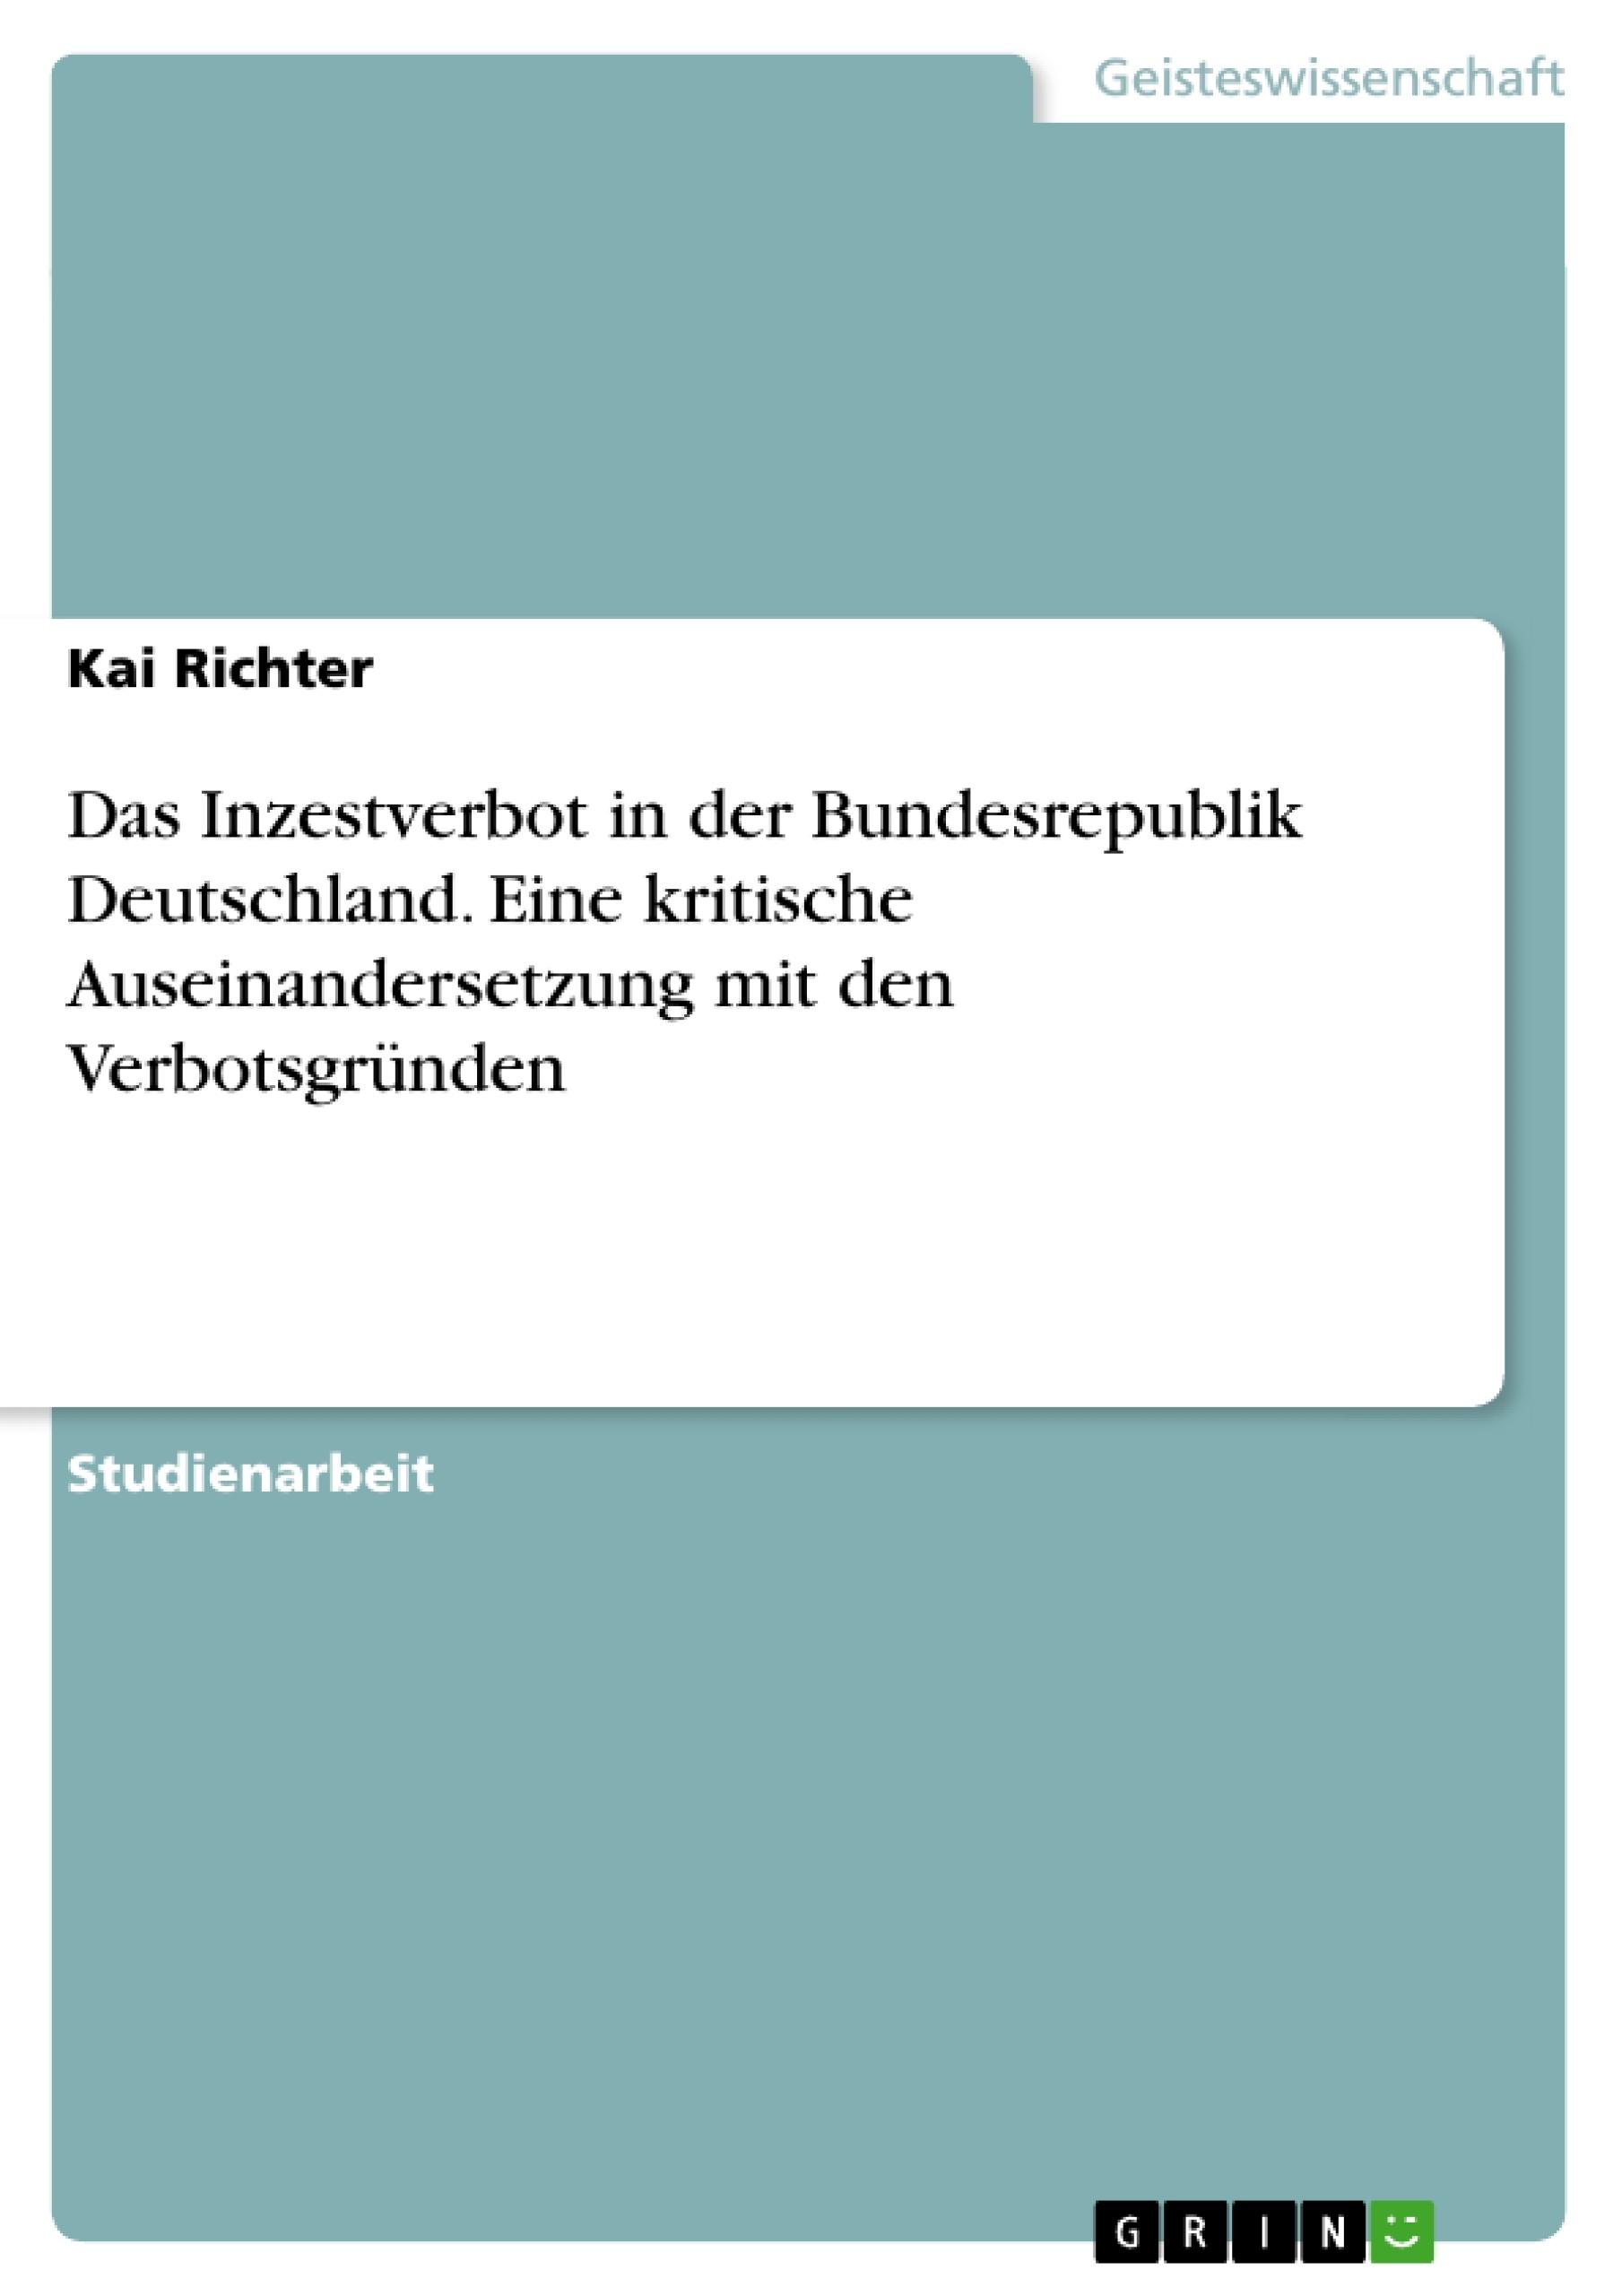 Titel: Das Inzestverbot in der Bundesrepublik Deutschland. Eine kritische Auseinandersetzung mit den Verbotsgründen